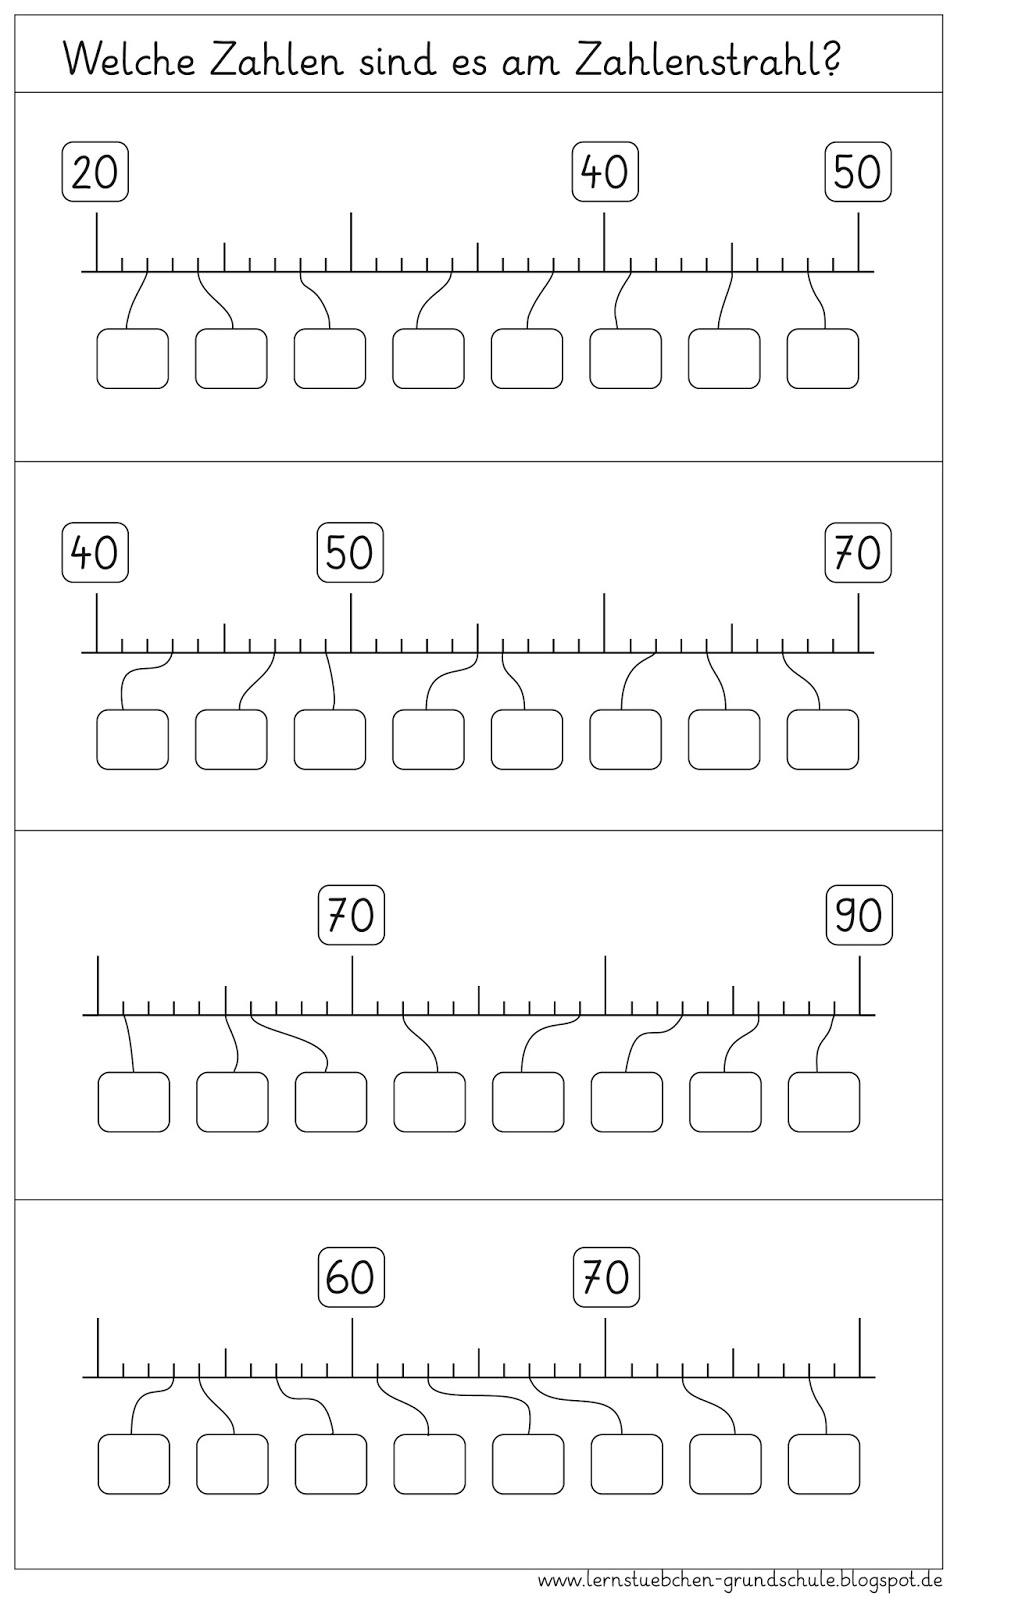 Lernstübchen: Zahlenstahl AB (1)